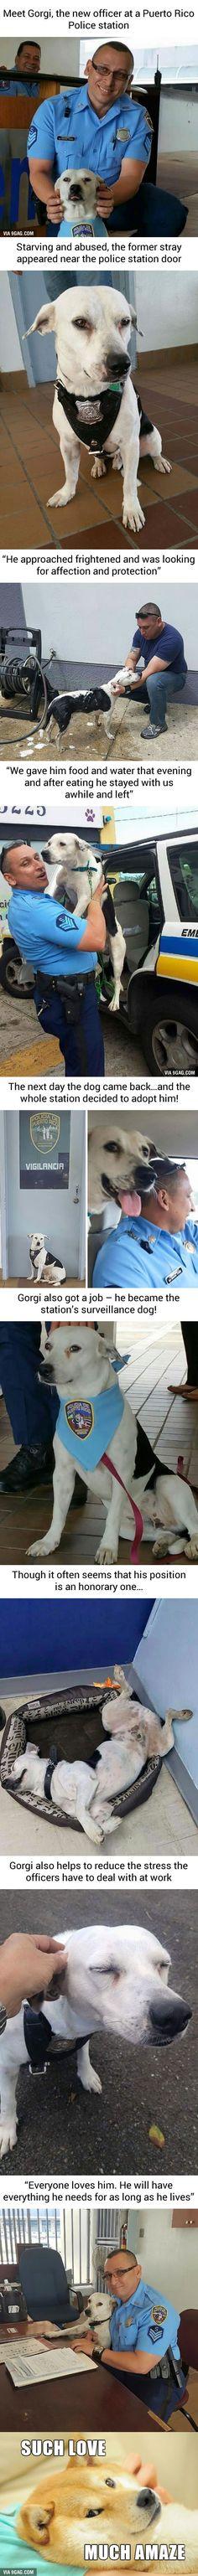 el perro que quizo ser policia!